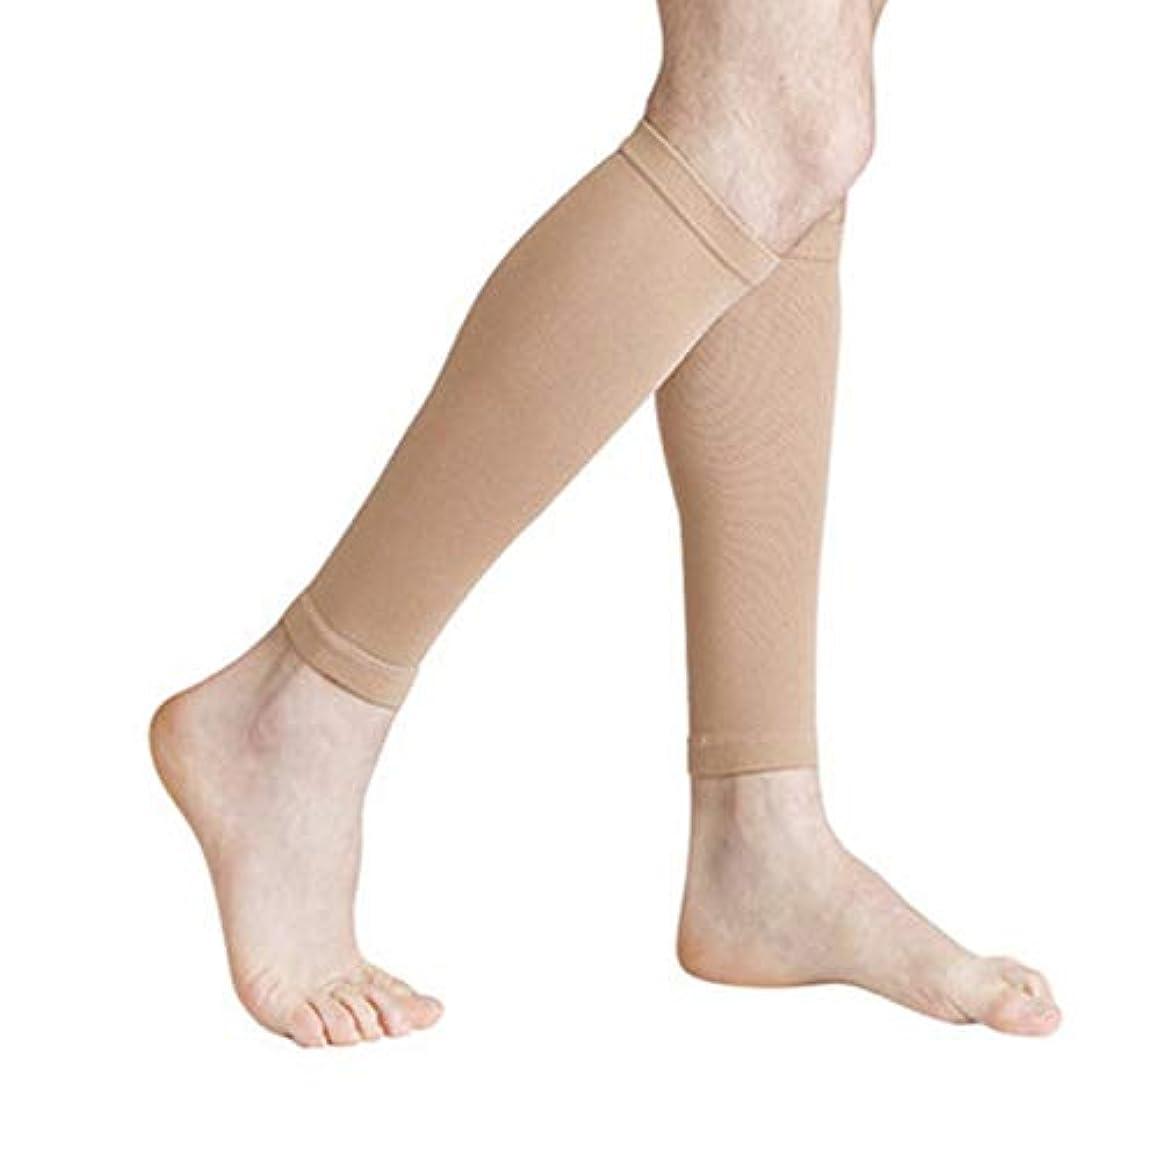 フラグラントグリット荒野丈夫な男性女性プロの圧縮靴下通気性のある旅行活動看護師用シンススプリントフライトトラベル - ブラック